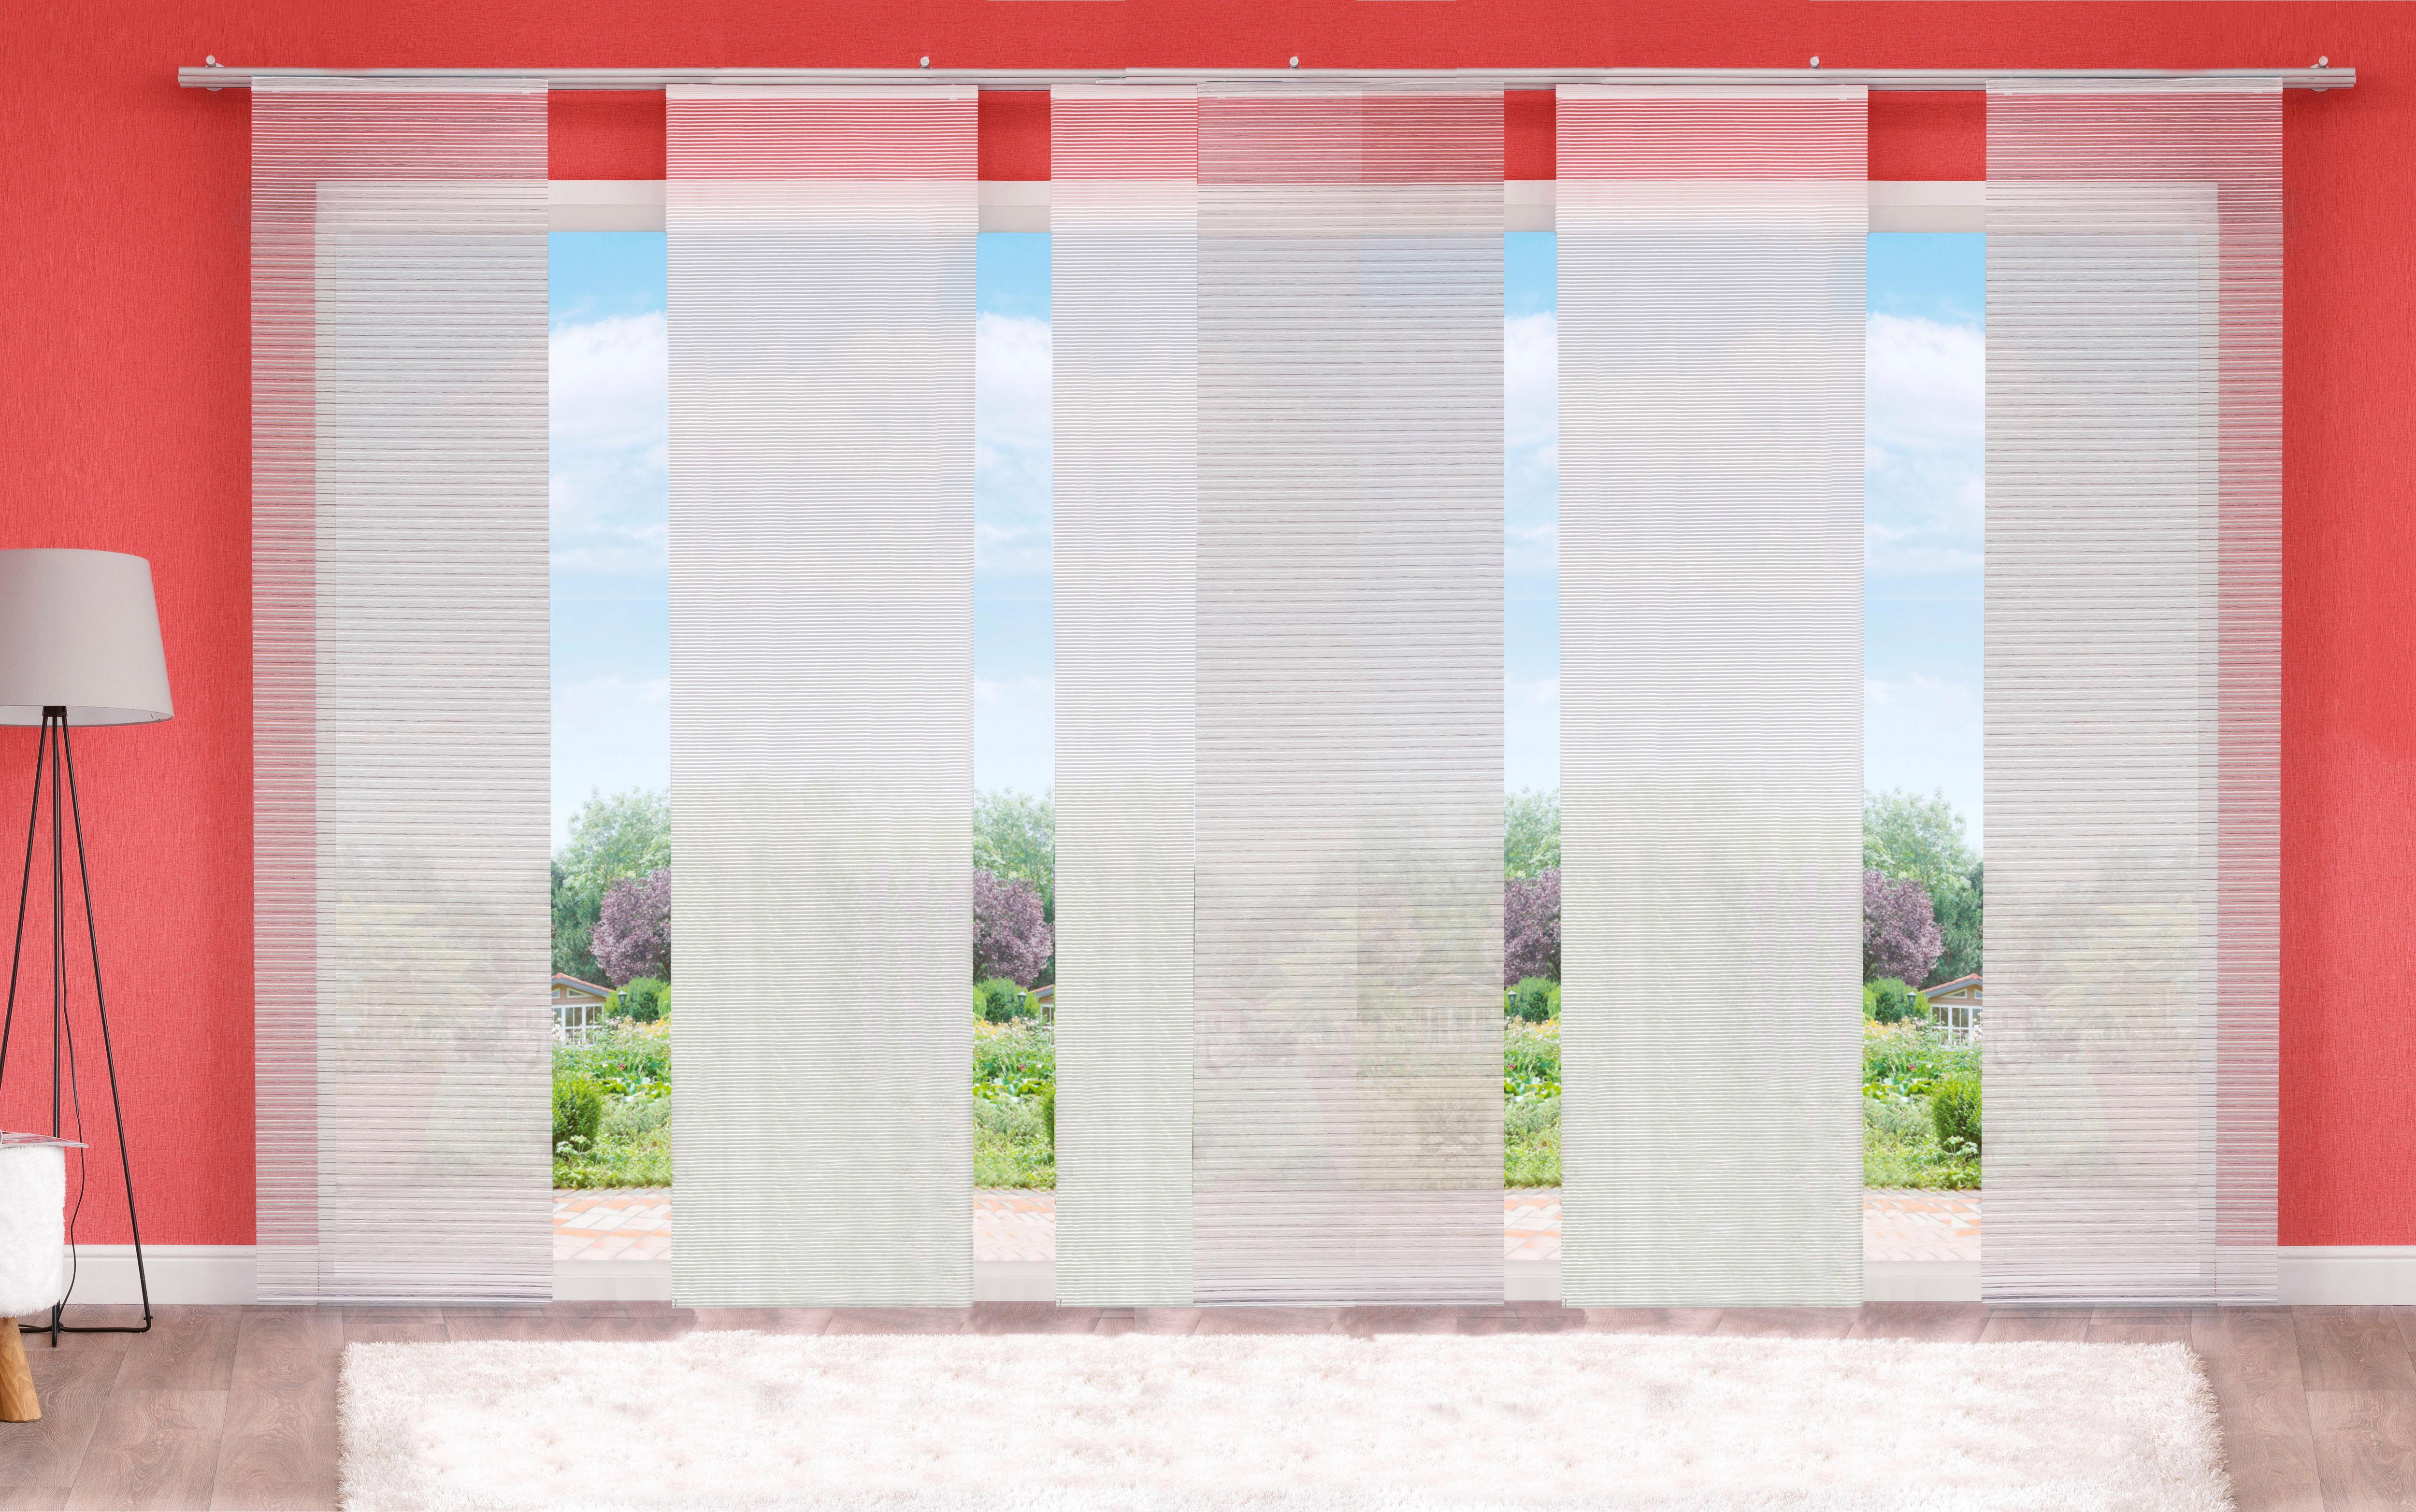 Schiebevorhang, Home Wohnideen, »IRMI«, mit Klettband, Mehrfachsets (mit Zubehör) | Heimtextilien > Gardinen und Vorhänge > Schiebegardinen und Schiebevorhänge | Aluminium | HOME WOHNIDEEN